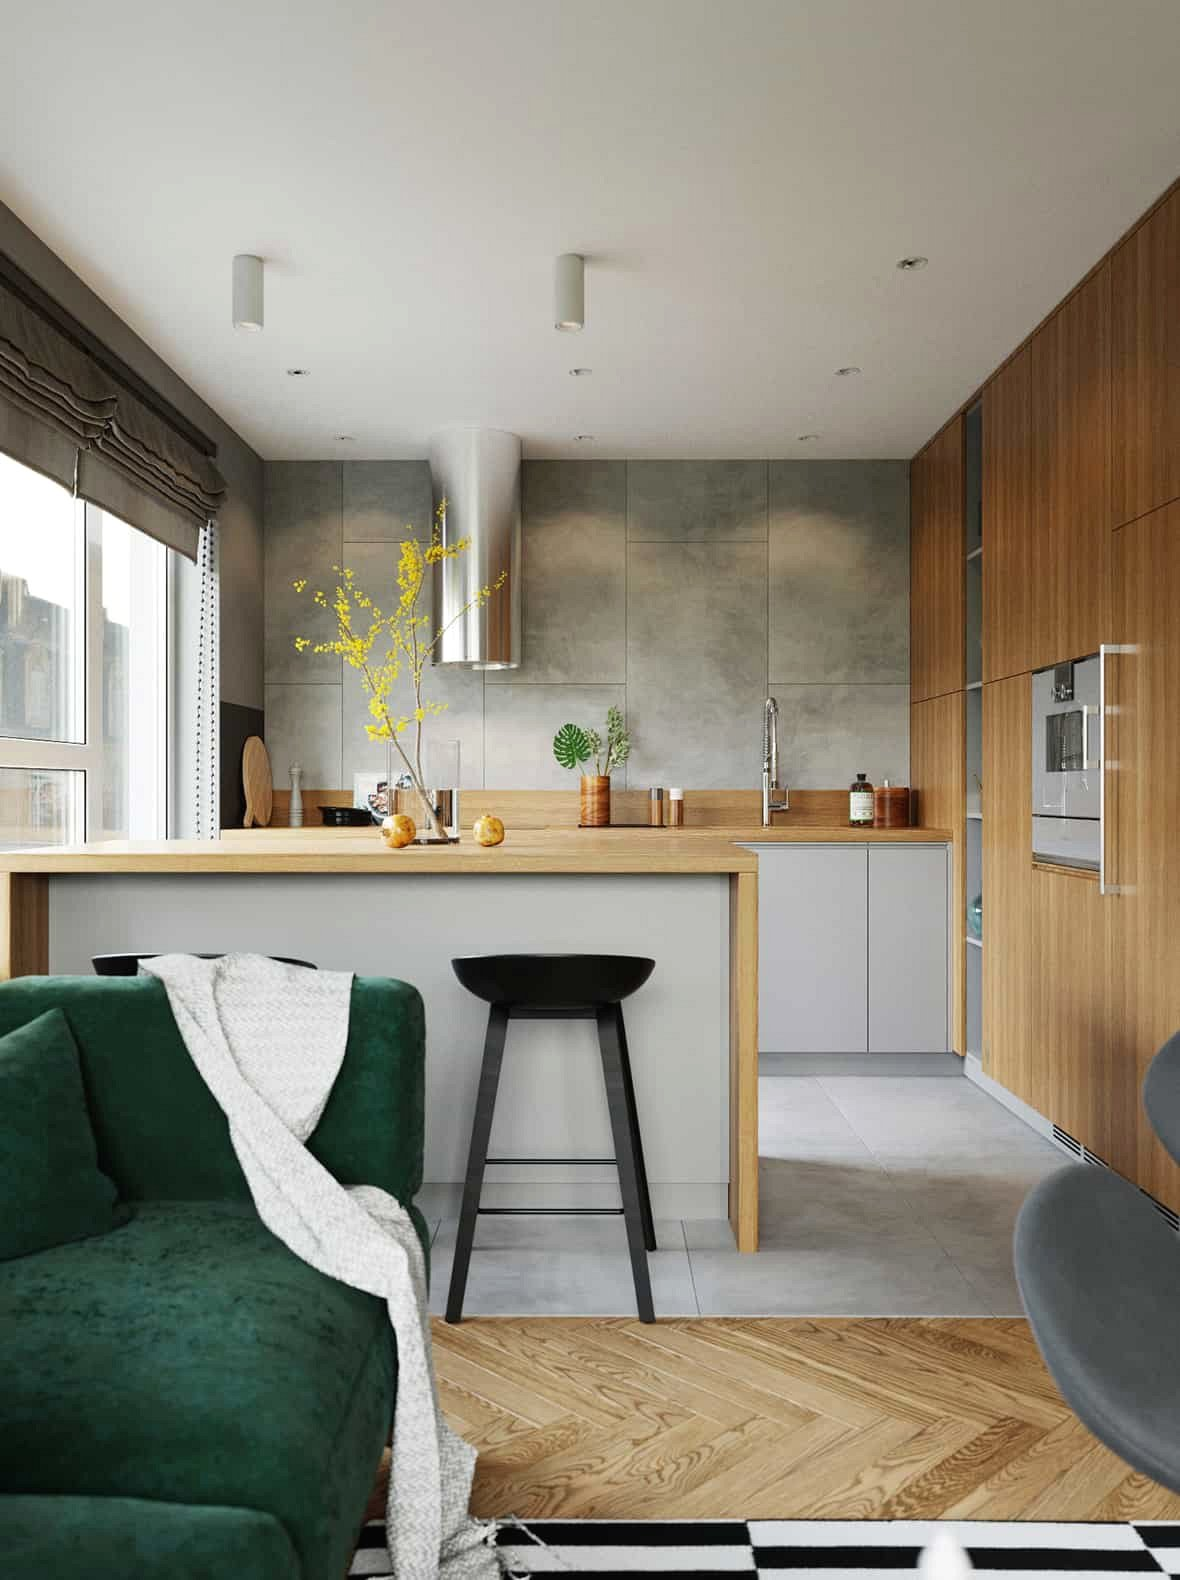 Liền kề với phòng khách, là nhà bếp tiện nghi, cảm giác thông thoáng nhờ cửa sổ rộng kính từ sàn đến trần.